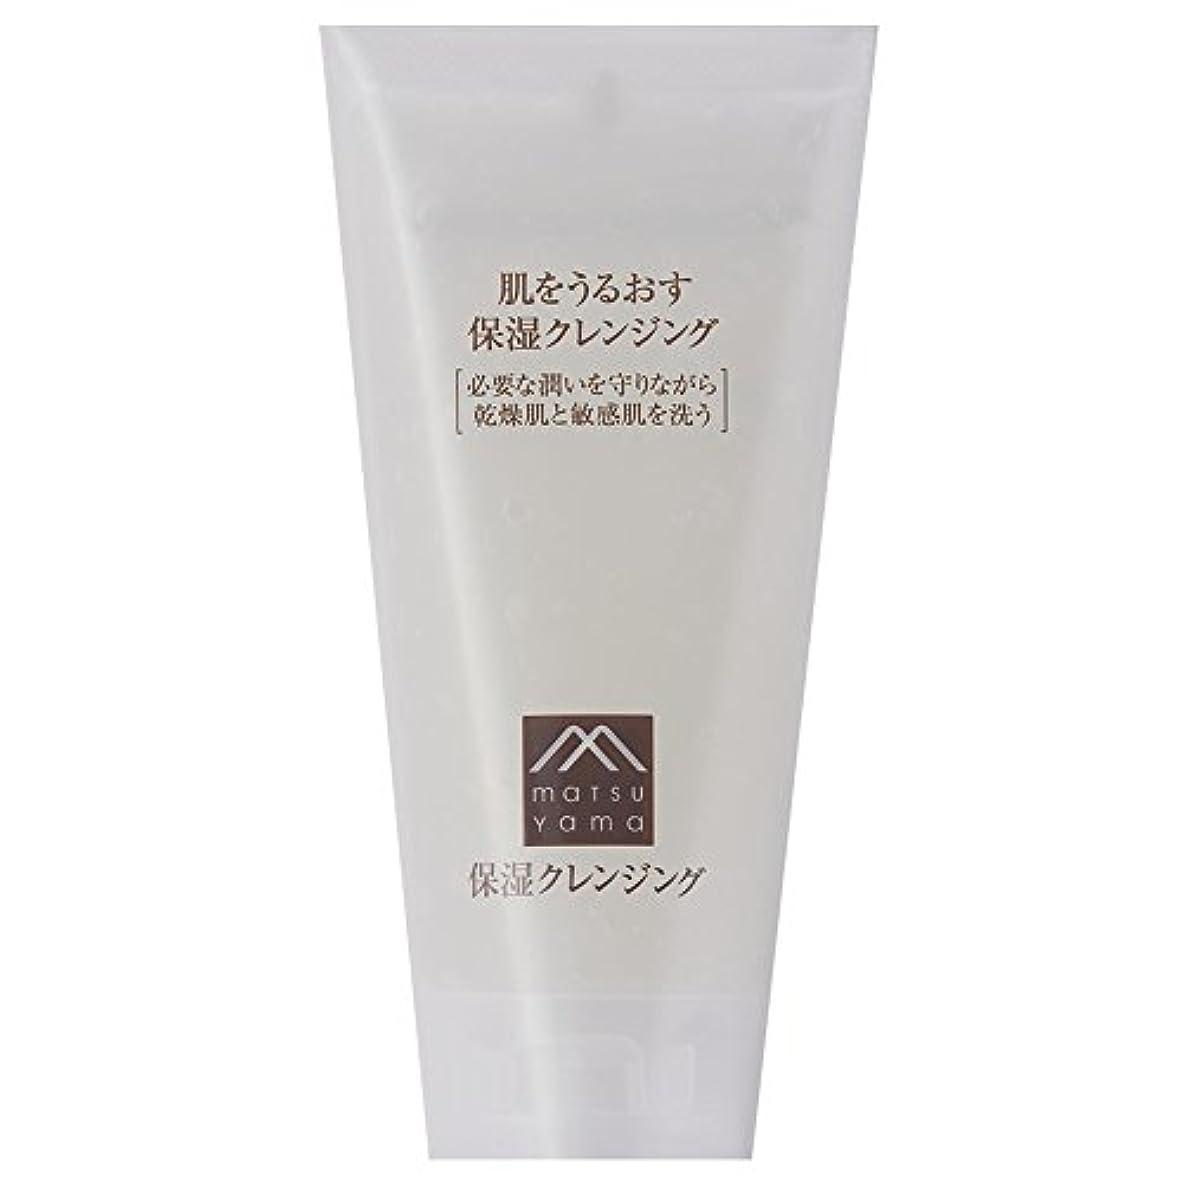 欠乏岸エスカレート肌をうるおす保湿クレンジング(メイク落とし) 保湿 乾燥肌 敏感肌